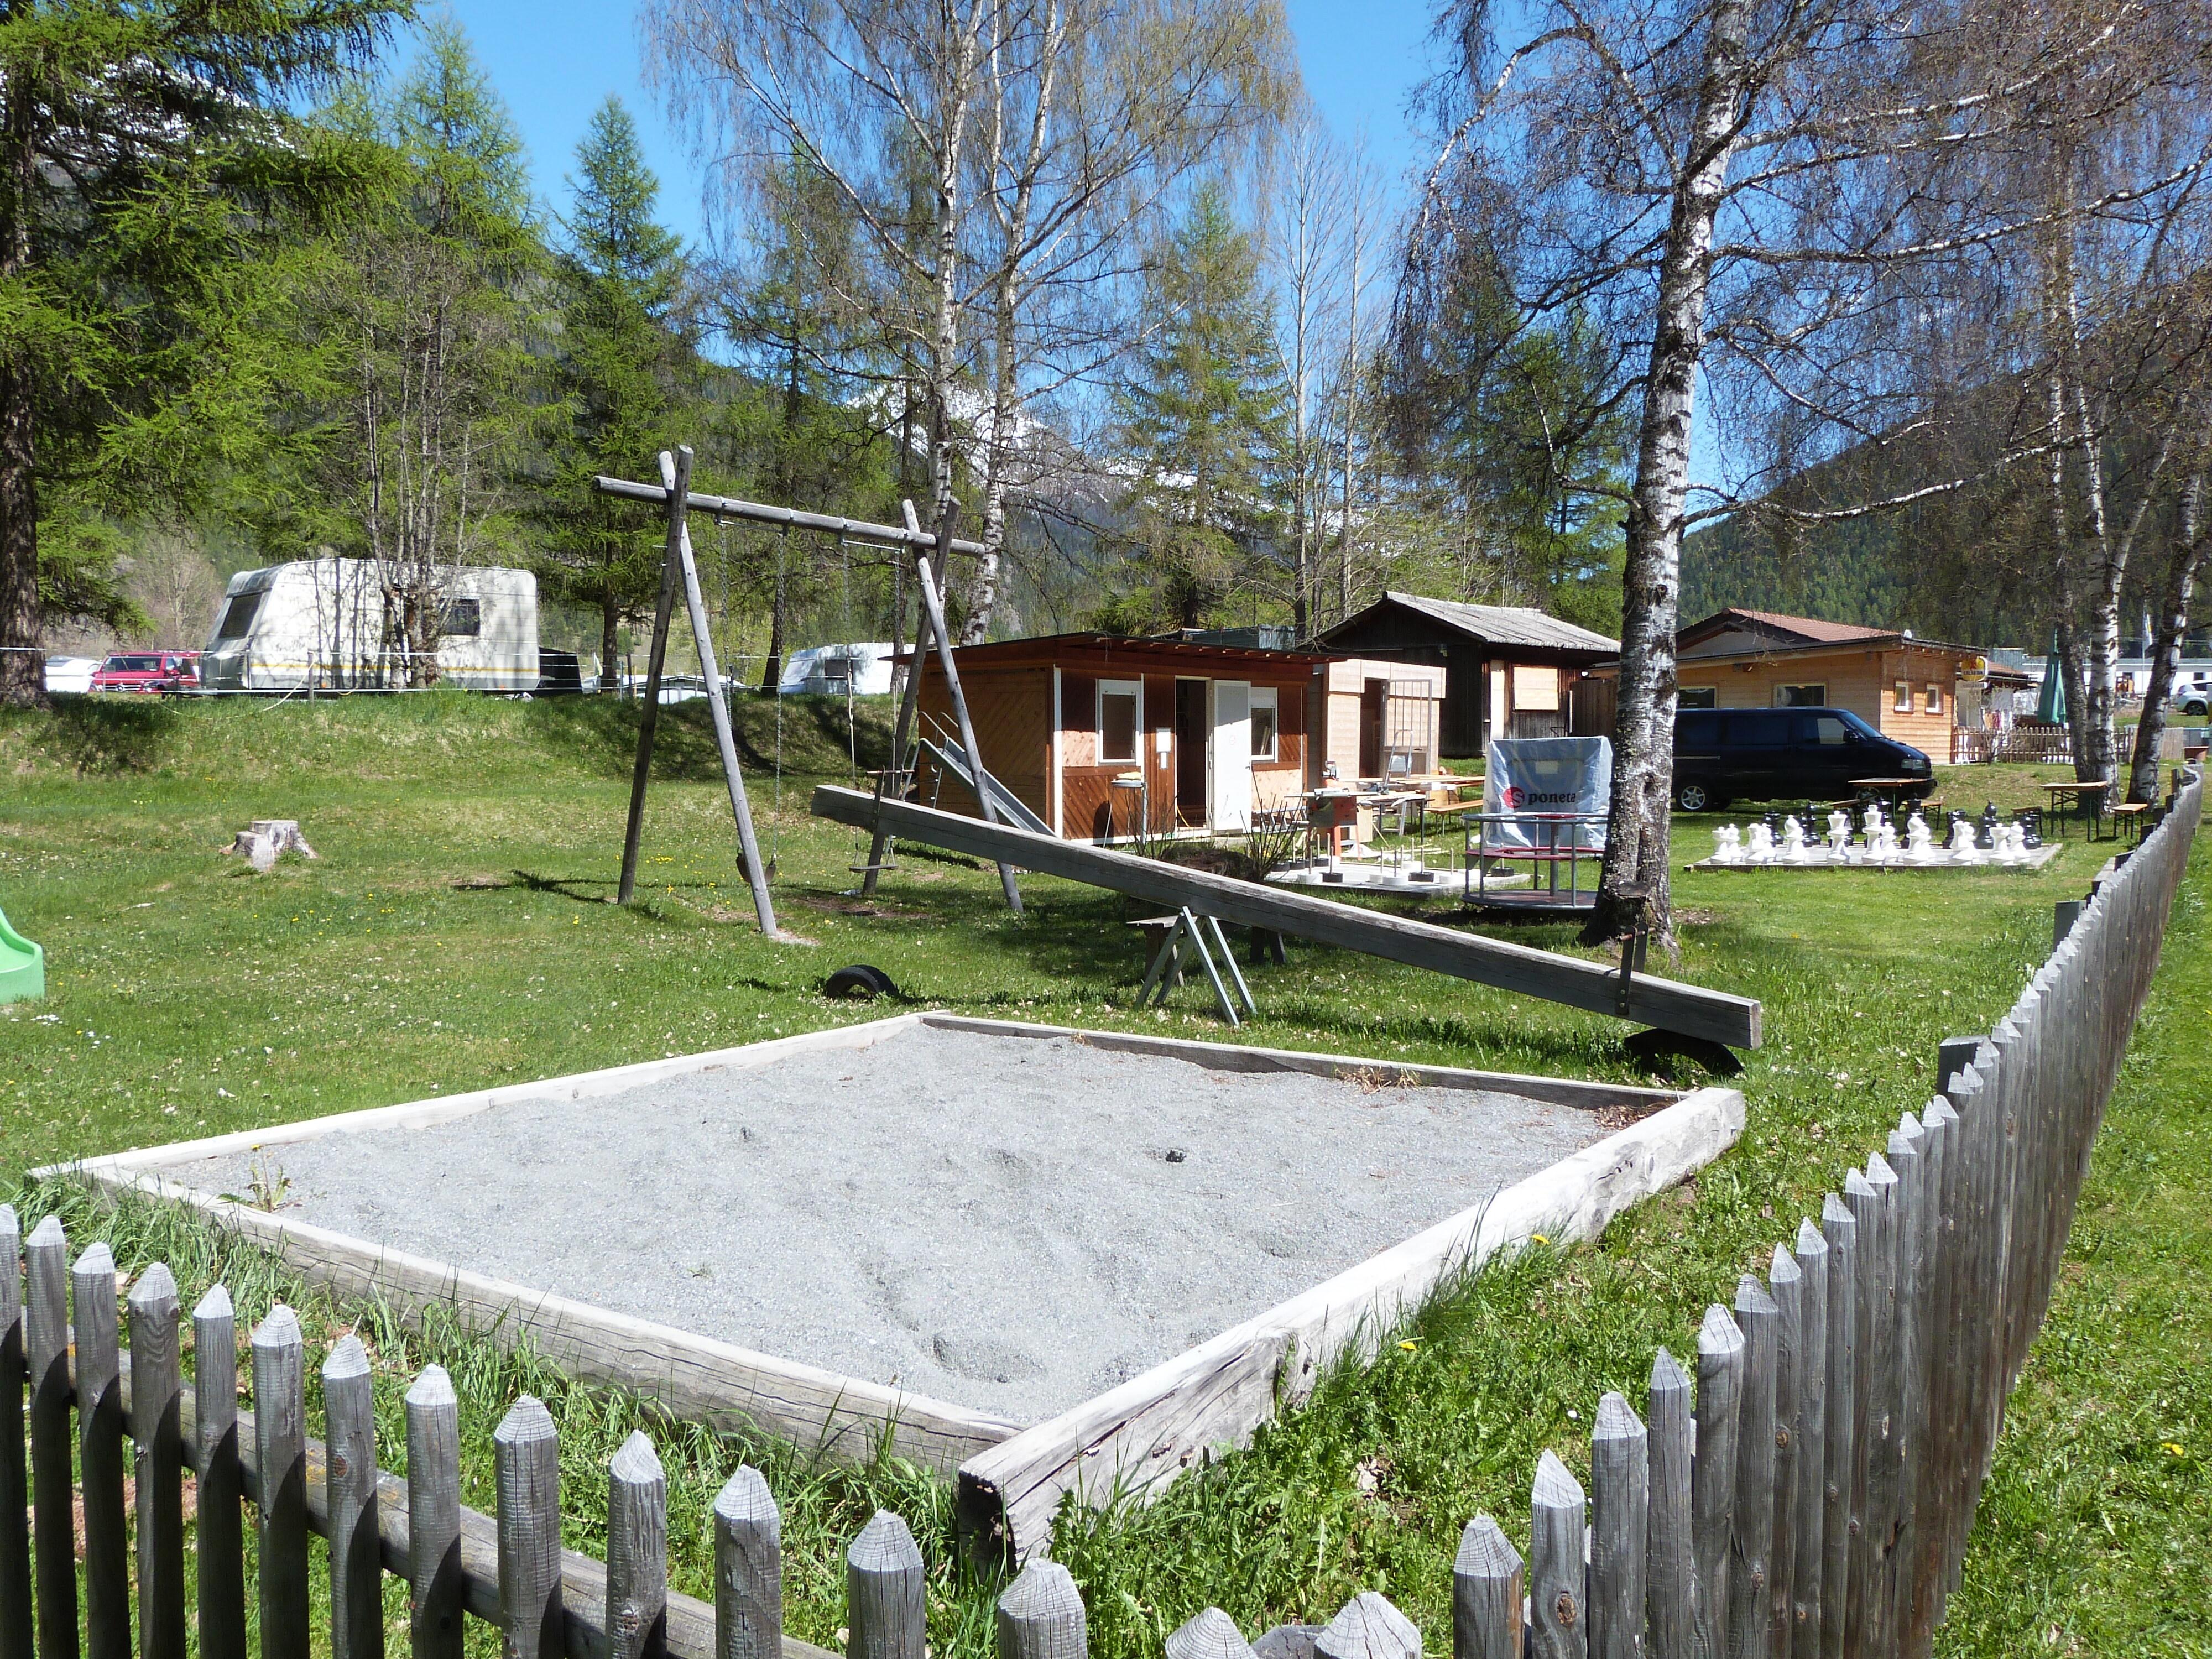 Camping Cul Slide 2